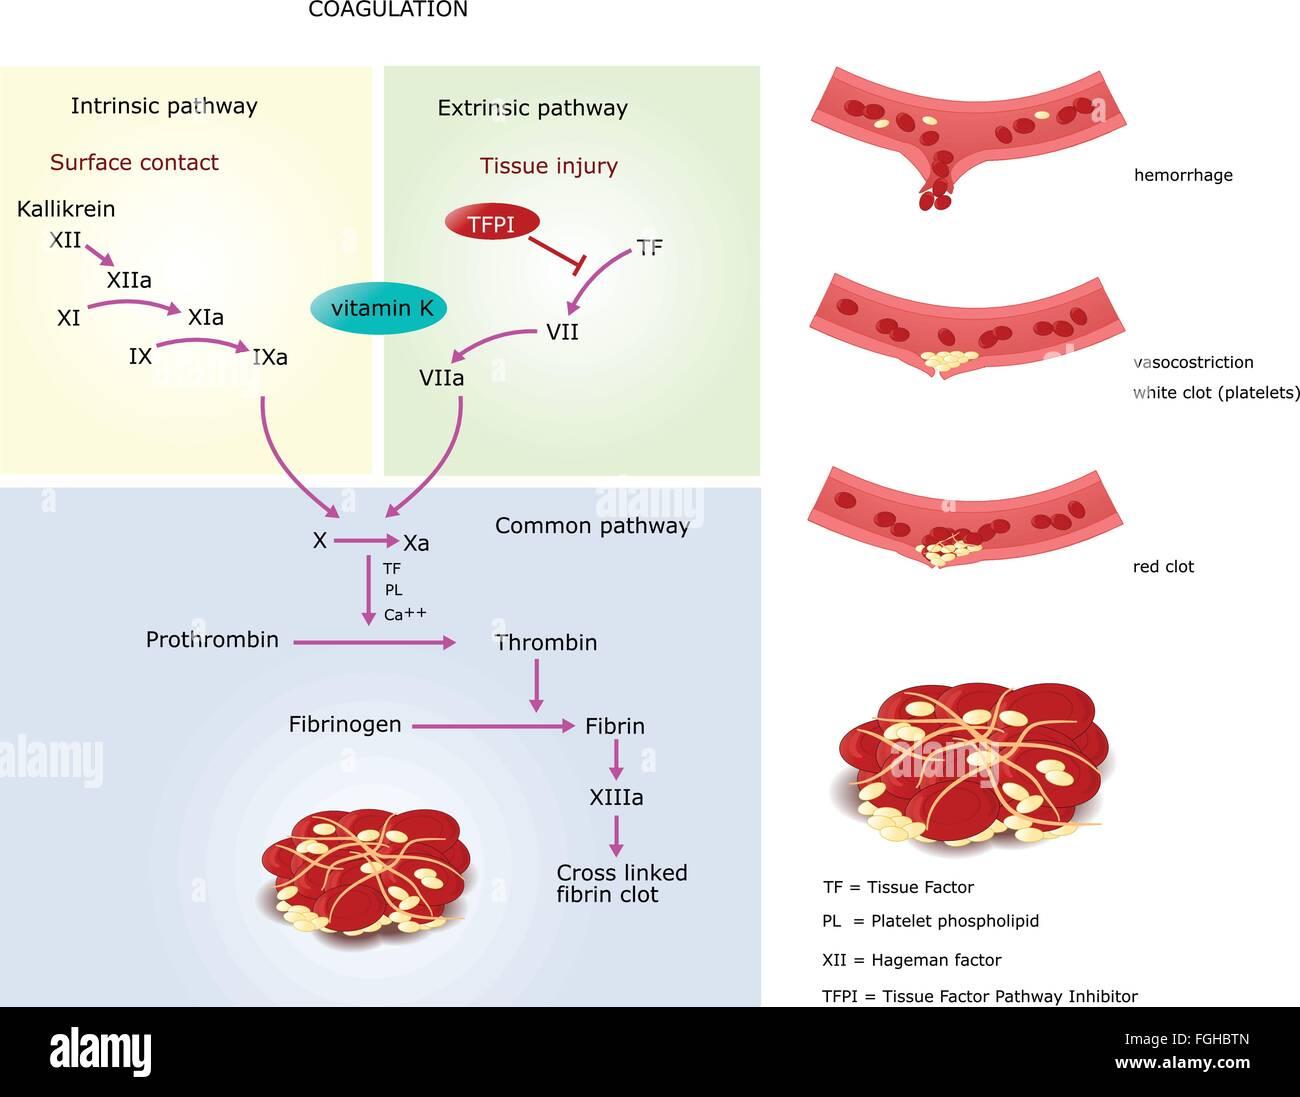 hemostasis coagulation and factor xii contact